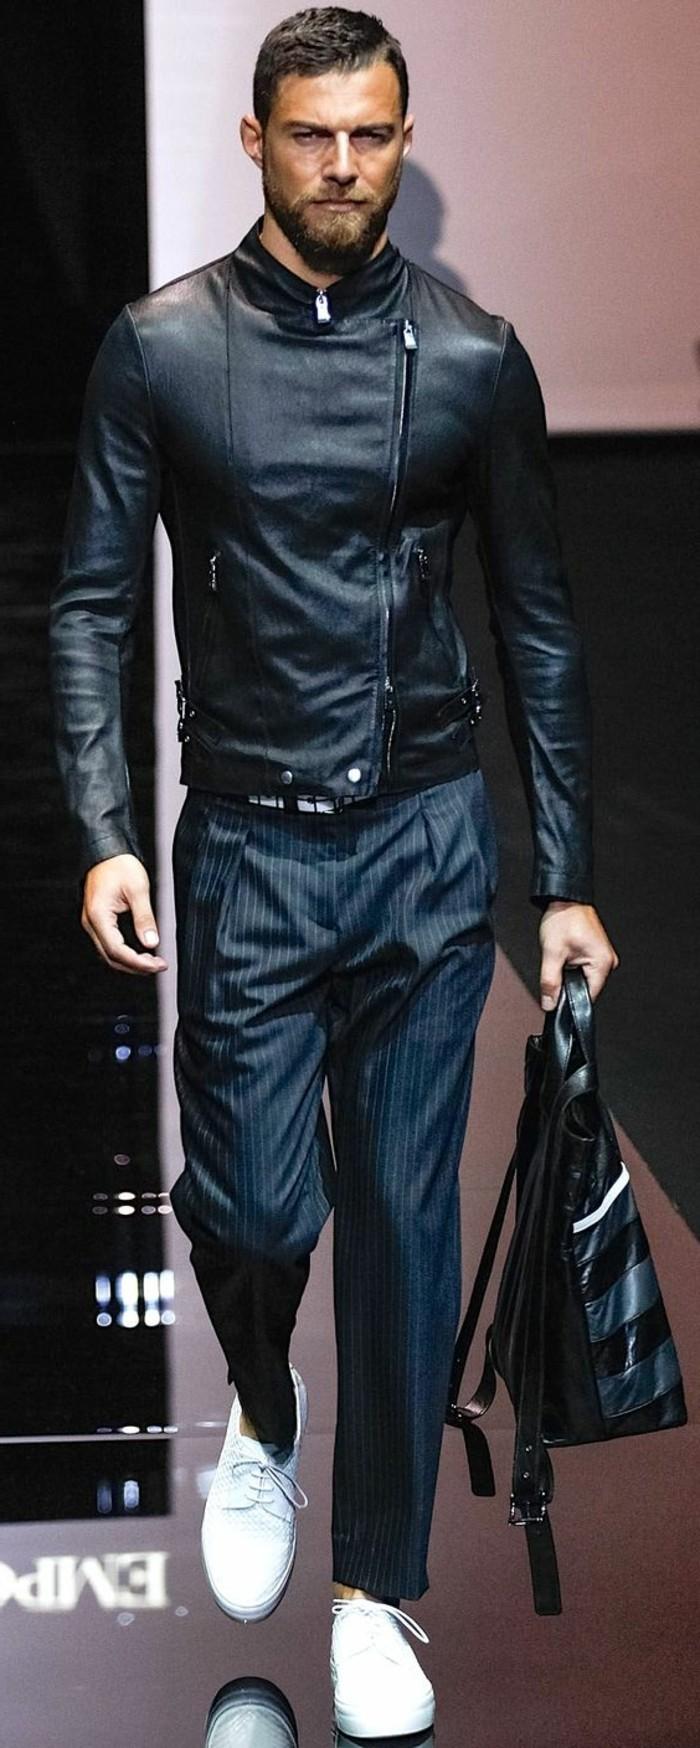 0-veste-homme-pas-cher-en-cuir-noir-tendances-de-la-mode-homme-2016